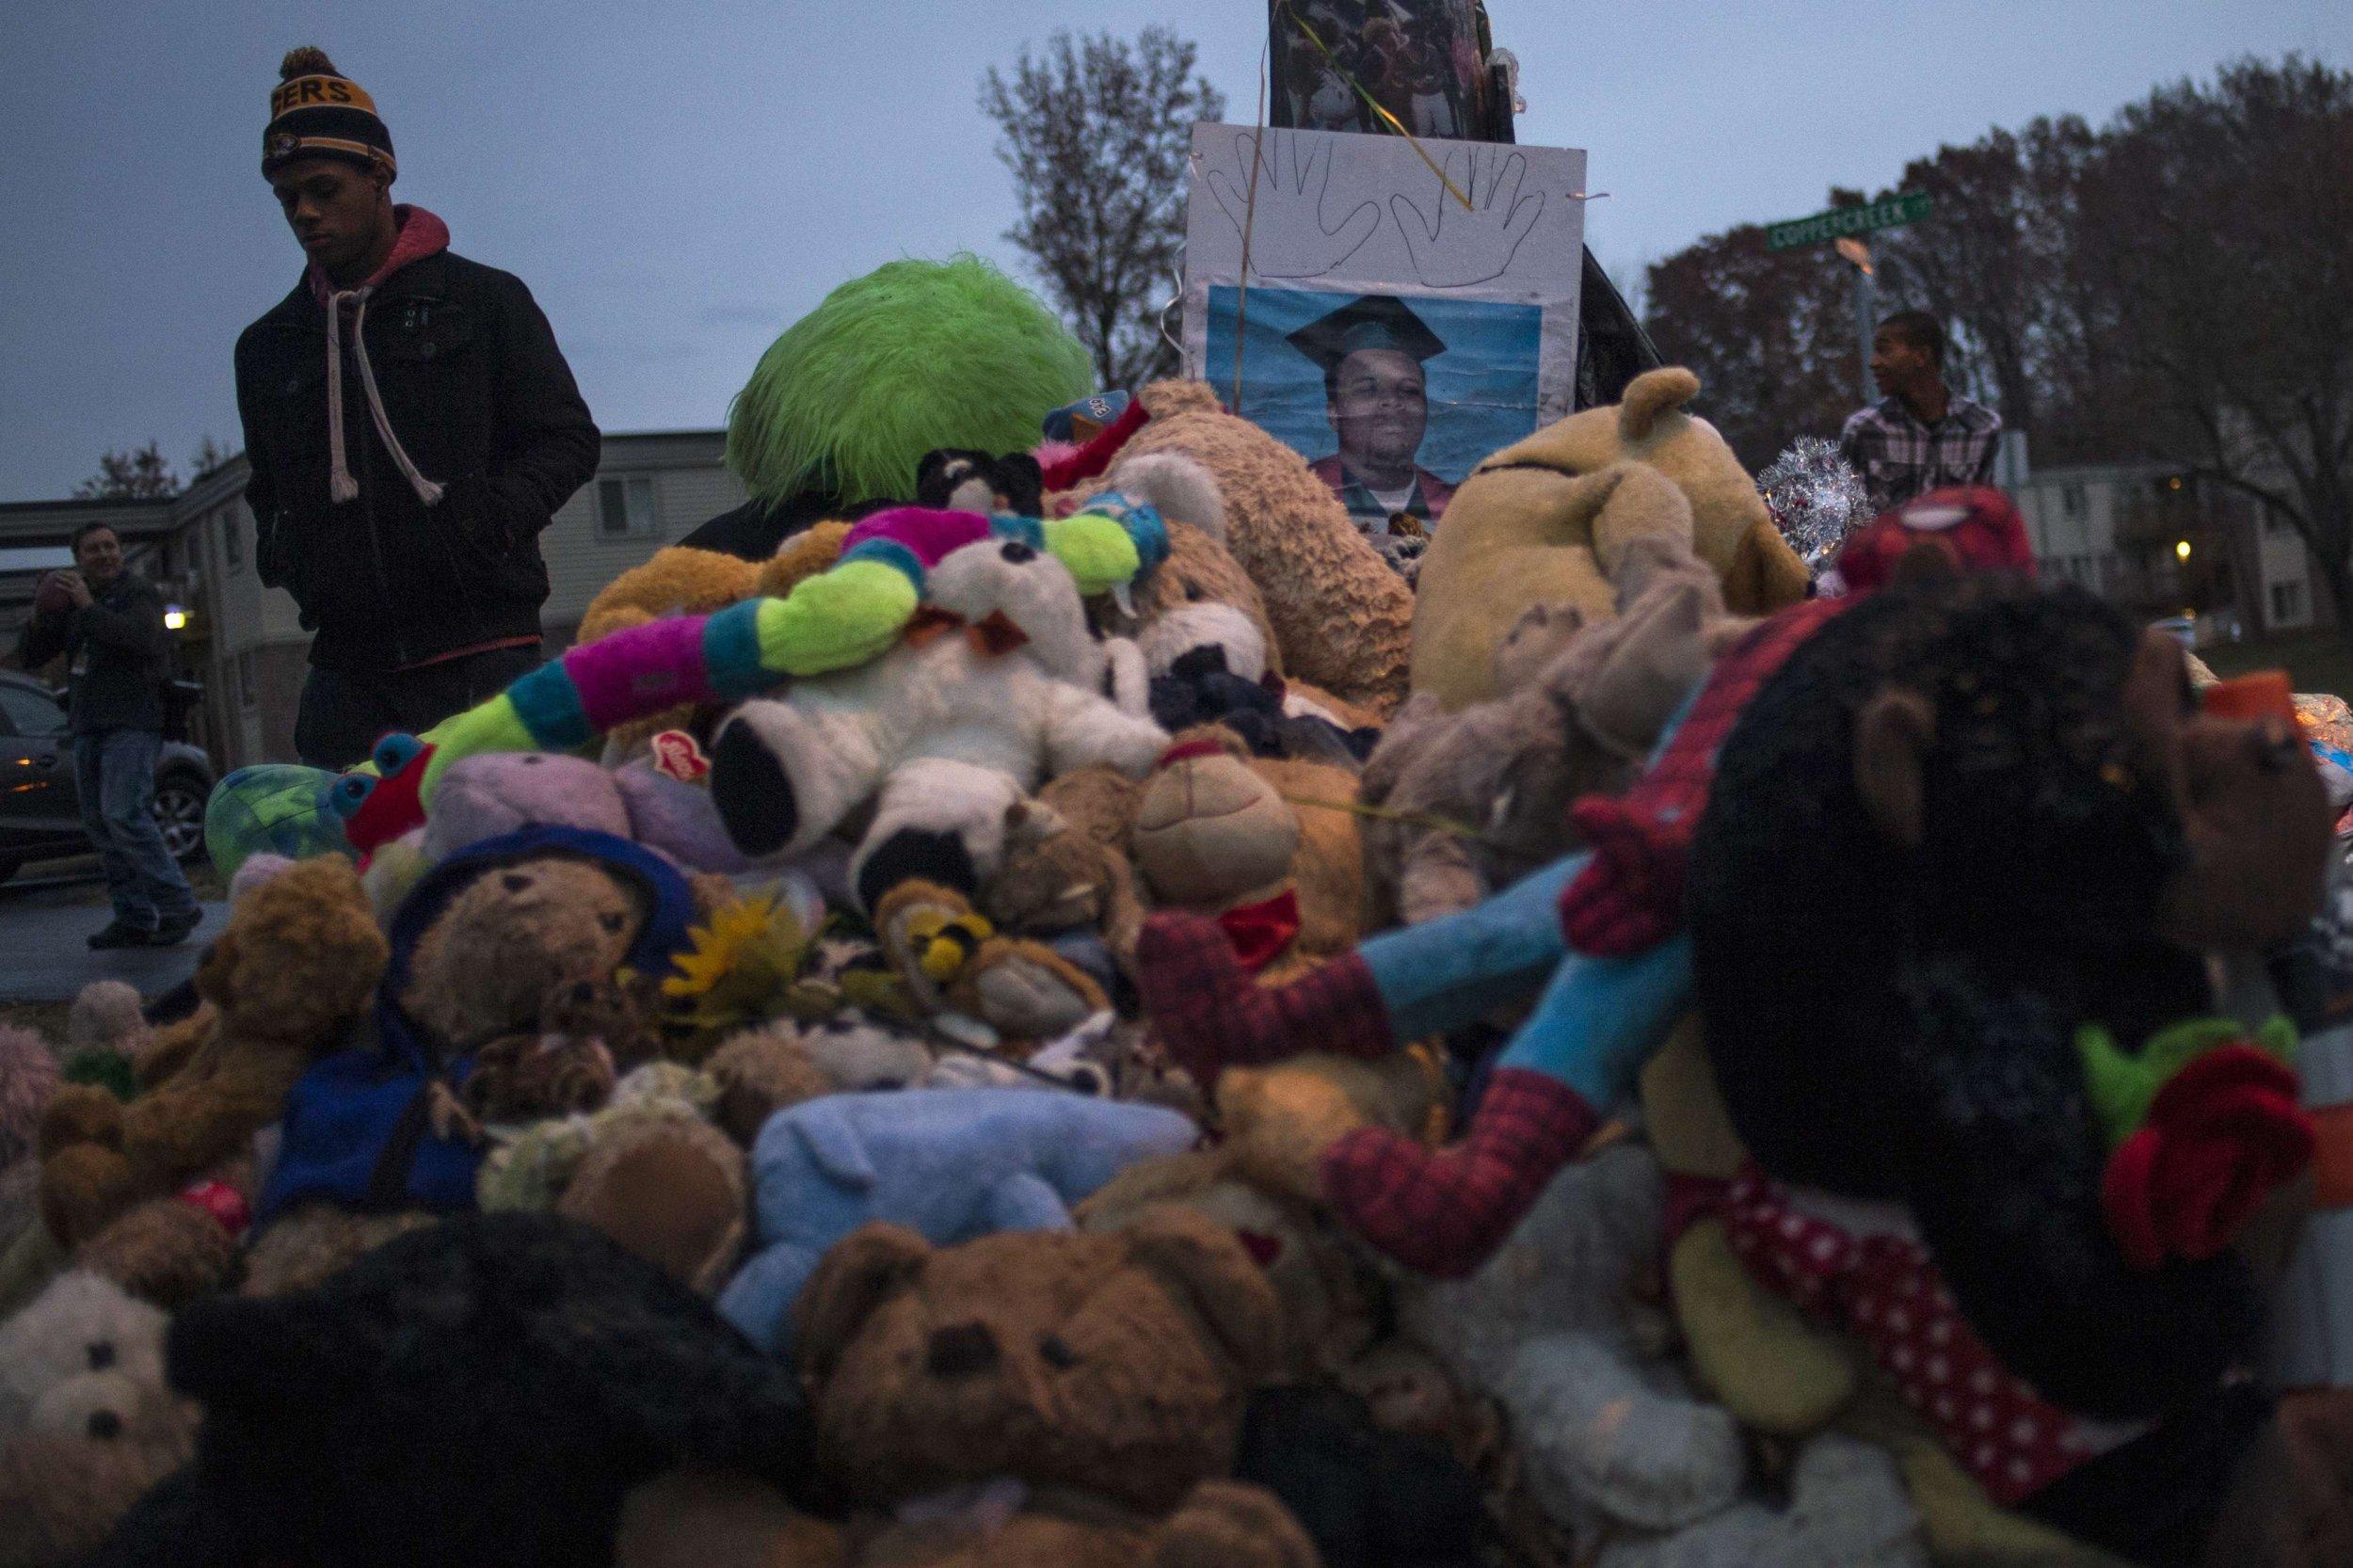 11-23-14 Michael Brown memorial